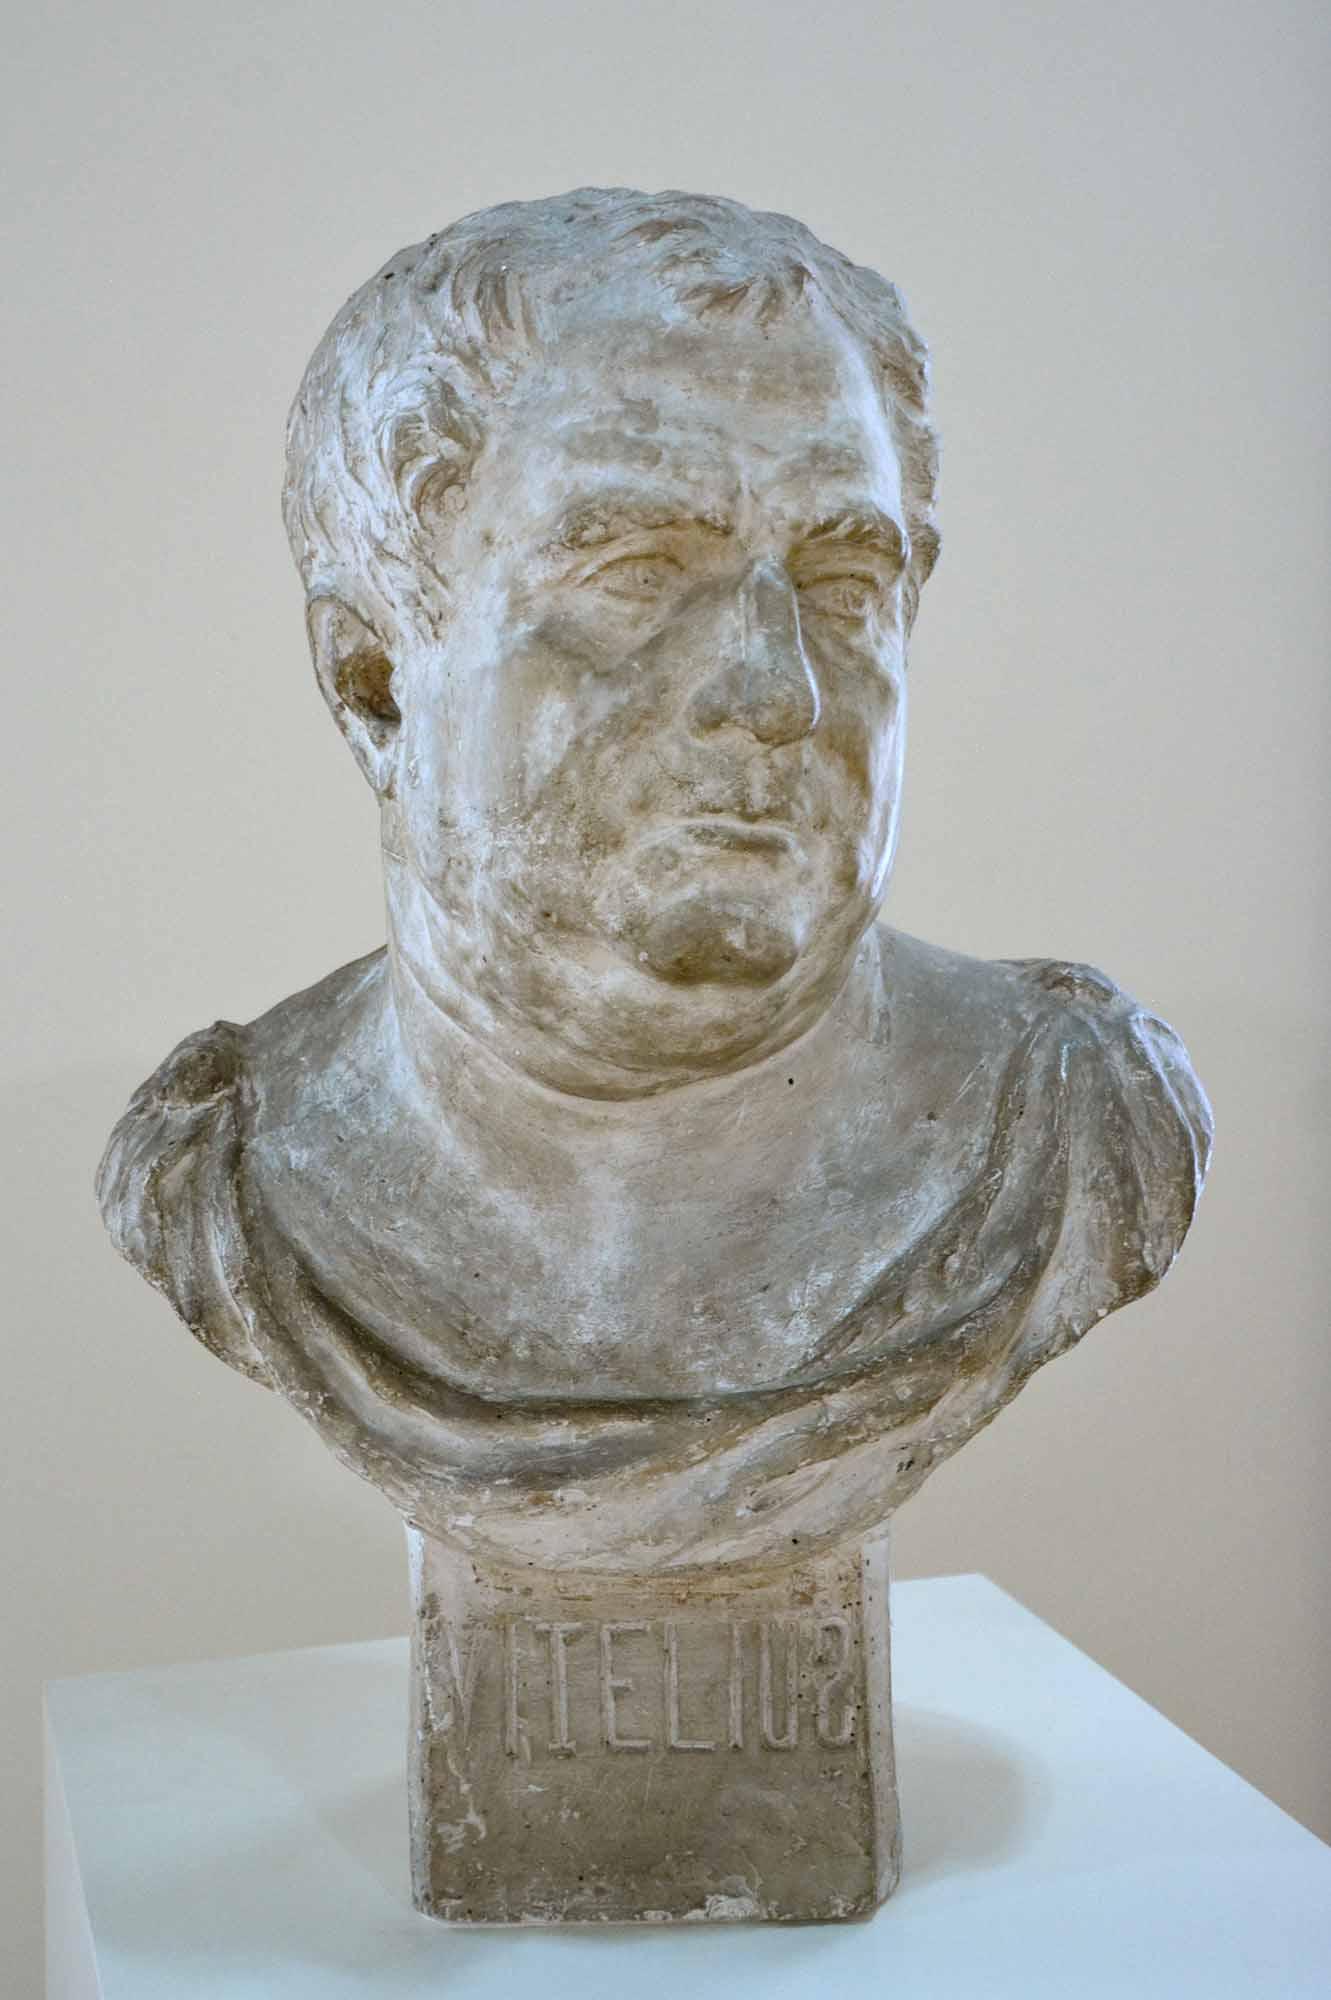 sculptură - Brâncuşi, Constantin; Vitellius - Muzeul de Artă - CRAIOVA (Patrimoniul Cultural National Mobil din Romania. Ordin de clasare: 2579/05.03.2003 - Tezaur)